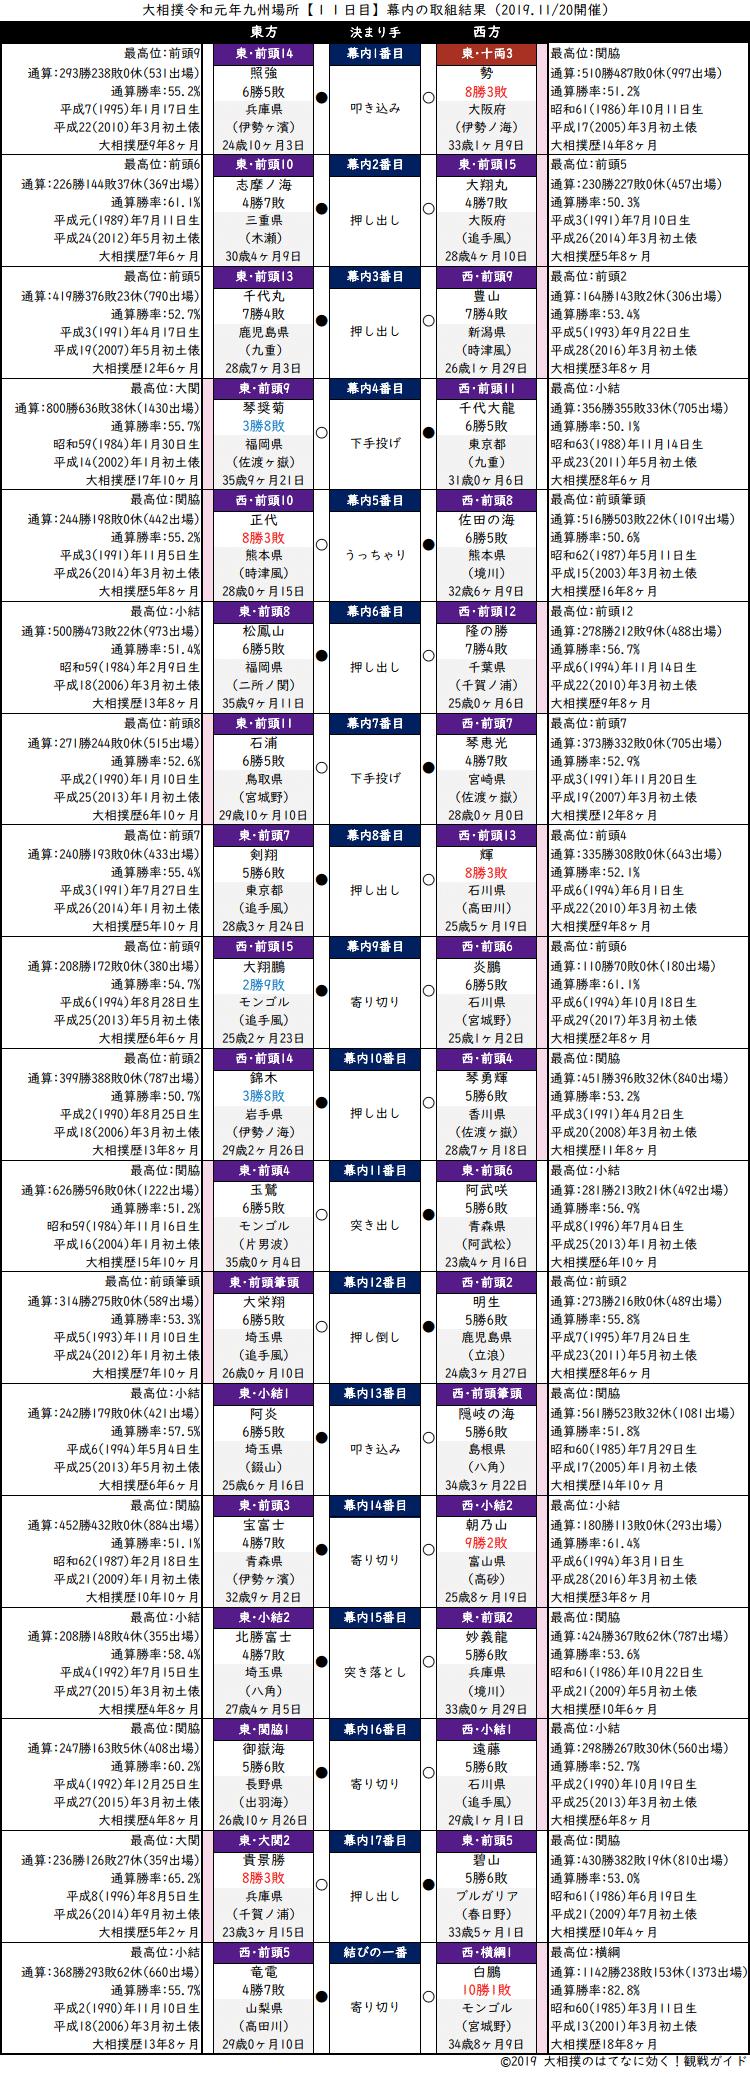 大相撲・2019年11月場所11日目・幕内の取組結果